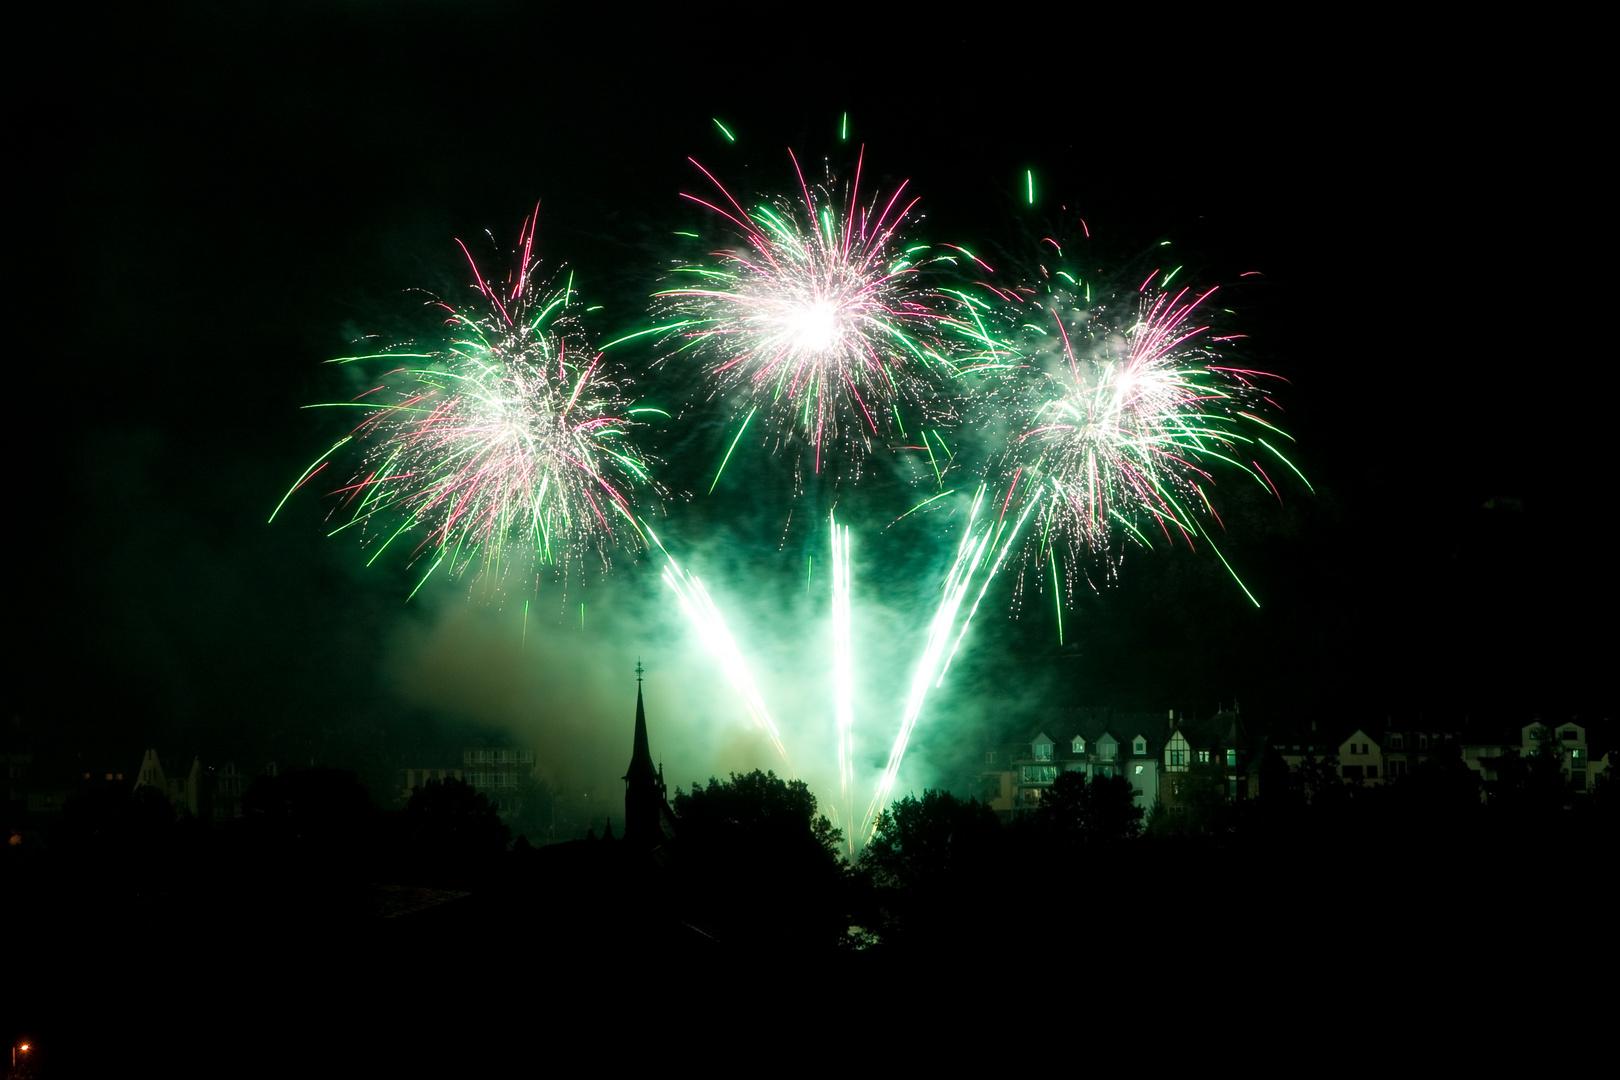 Feuerwerk in Bernkastel- Kues